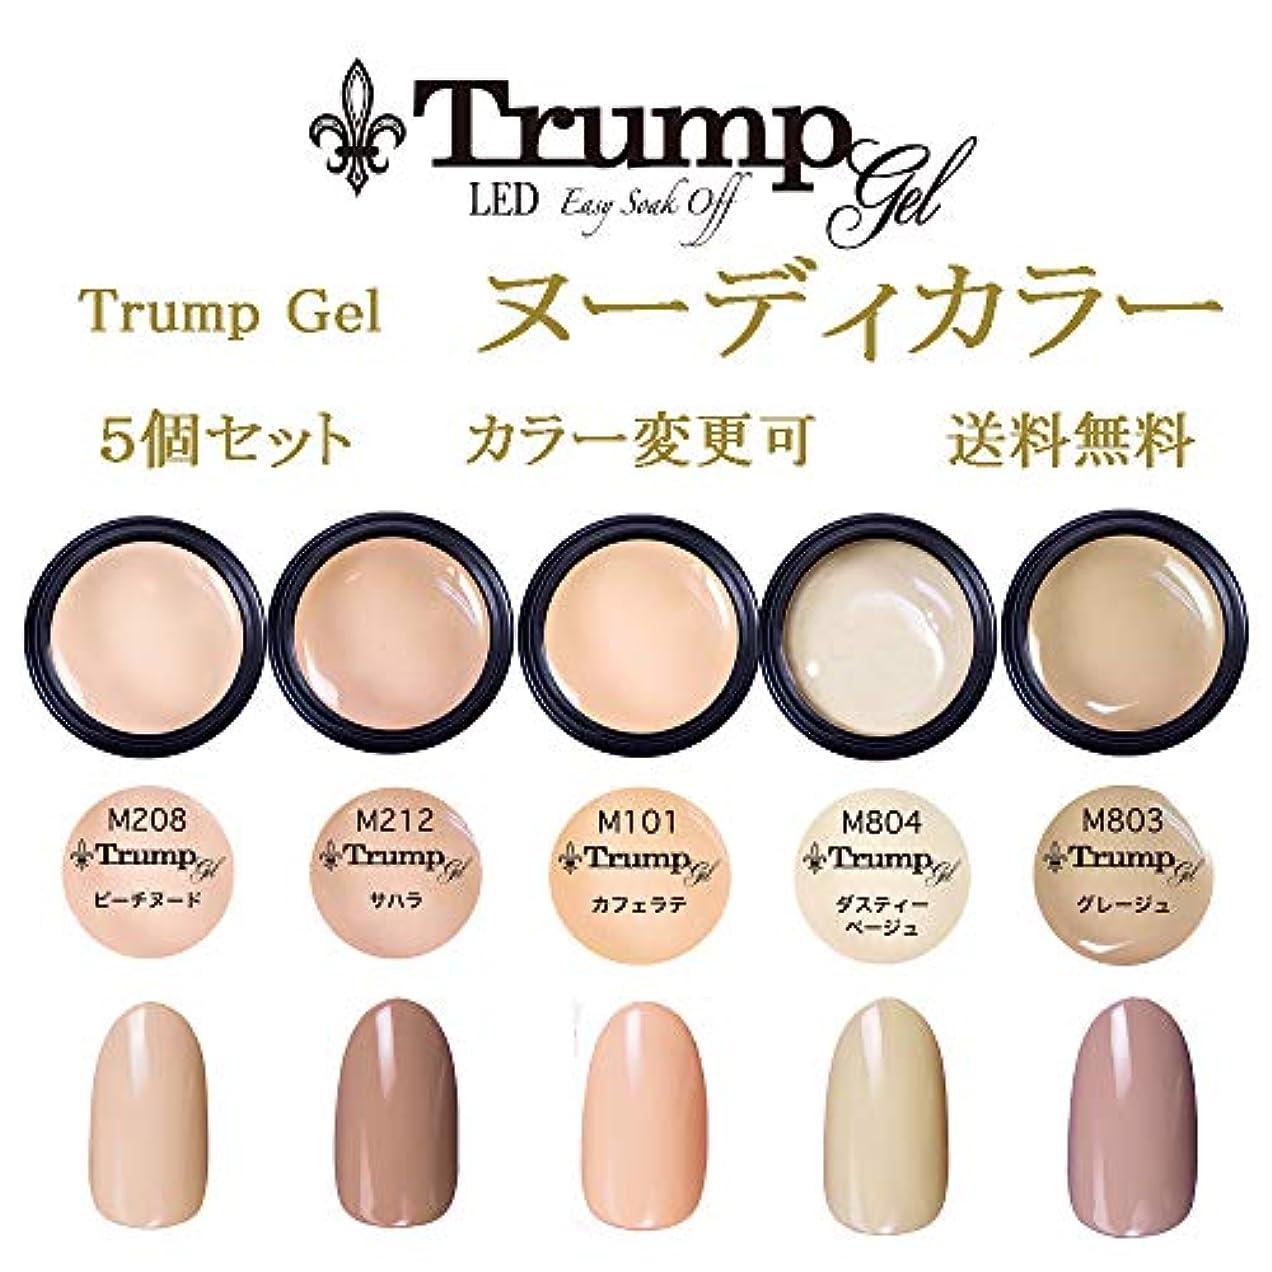 コモランマキャッチ勤勉な日本製 Trump gel トランプジェル ヌーディカラー 選べる カラージェル 5個セット ベージュ ブラウン ピンク